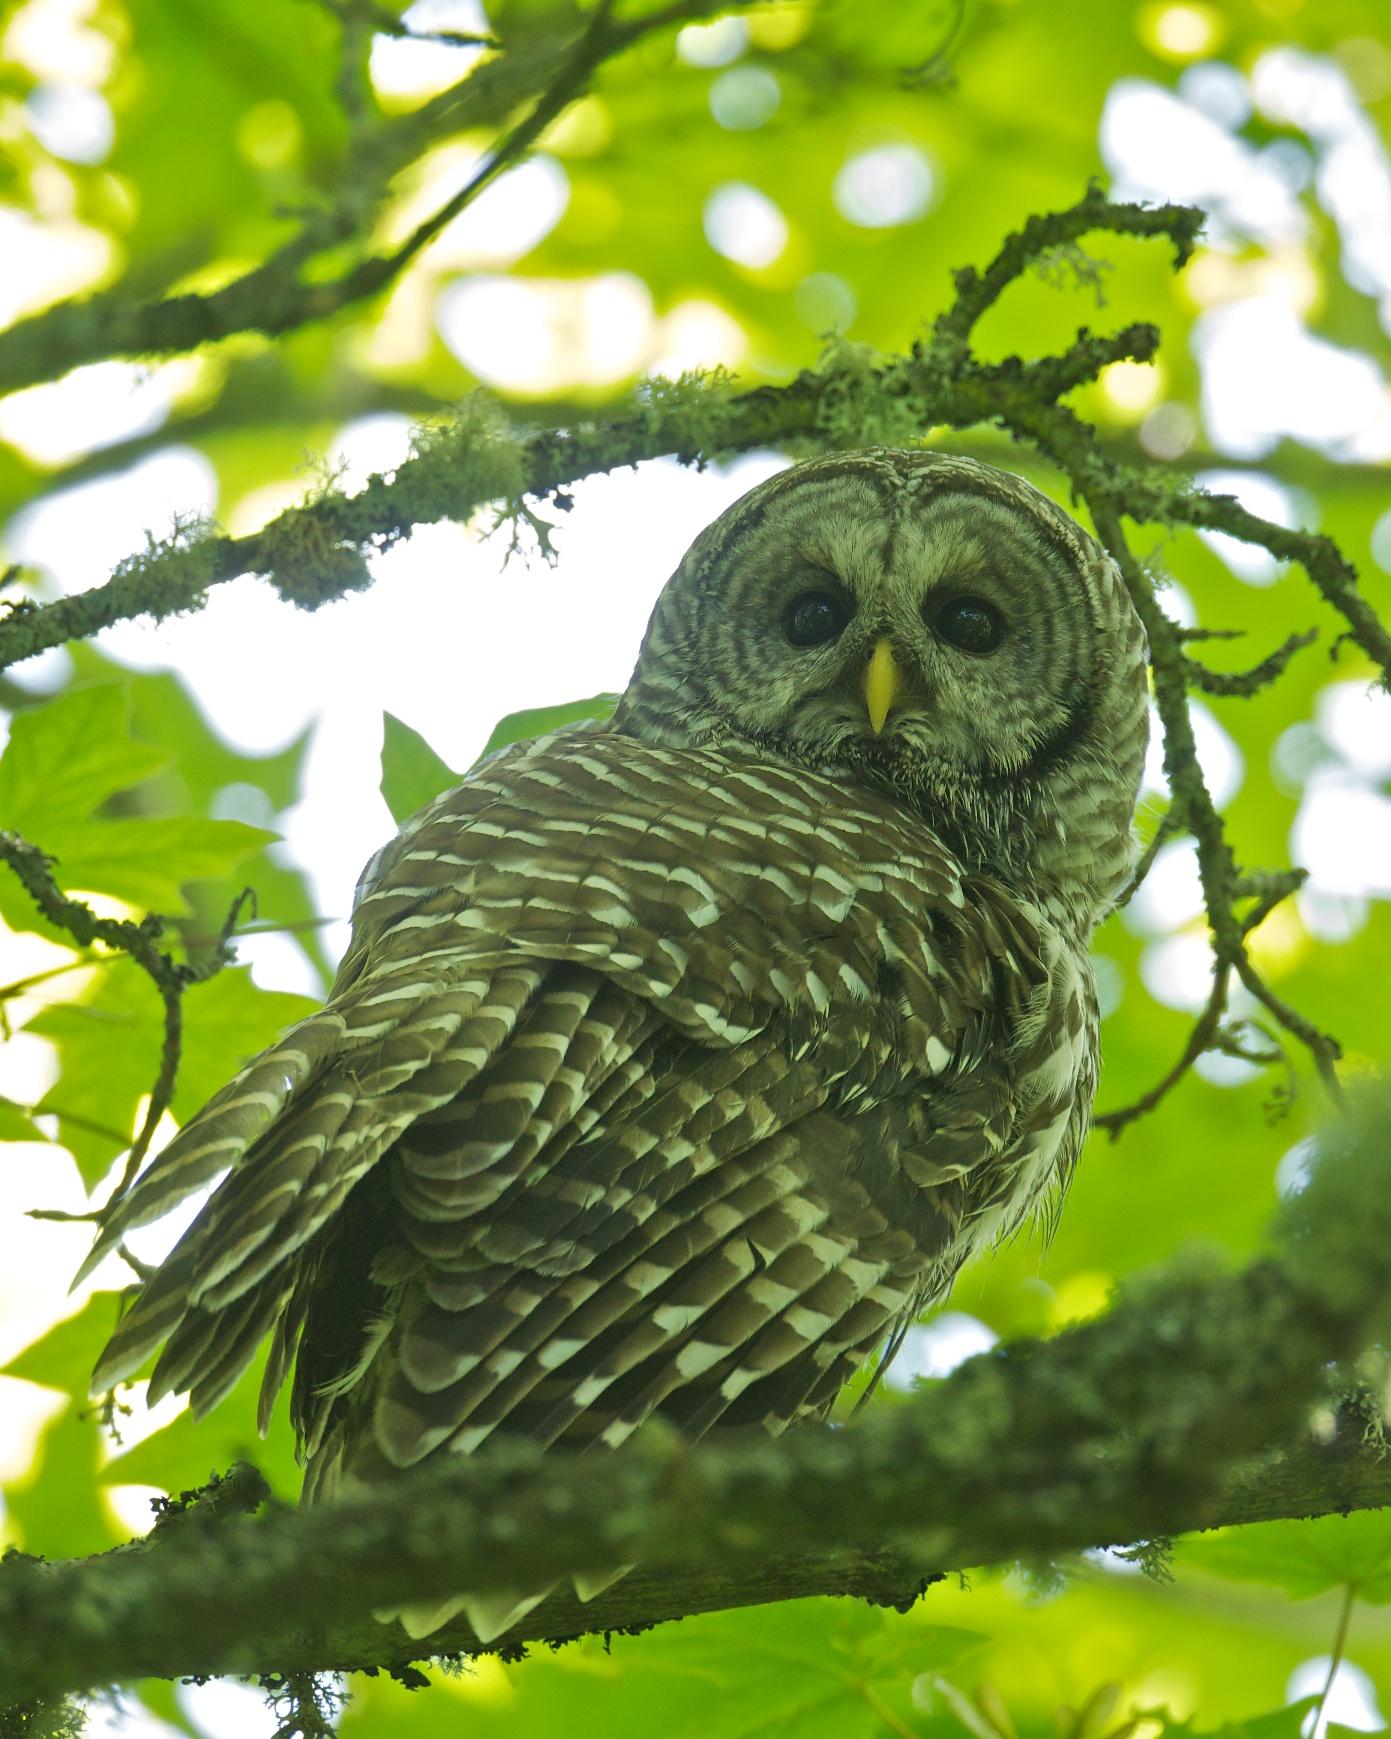 The Barred Owl Calls | BirdNote